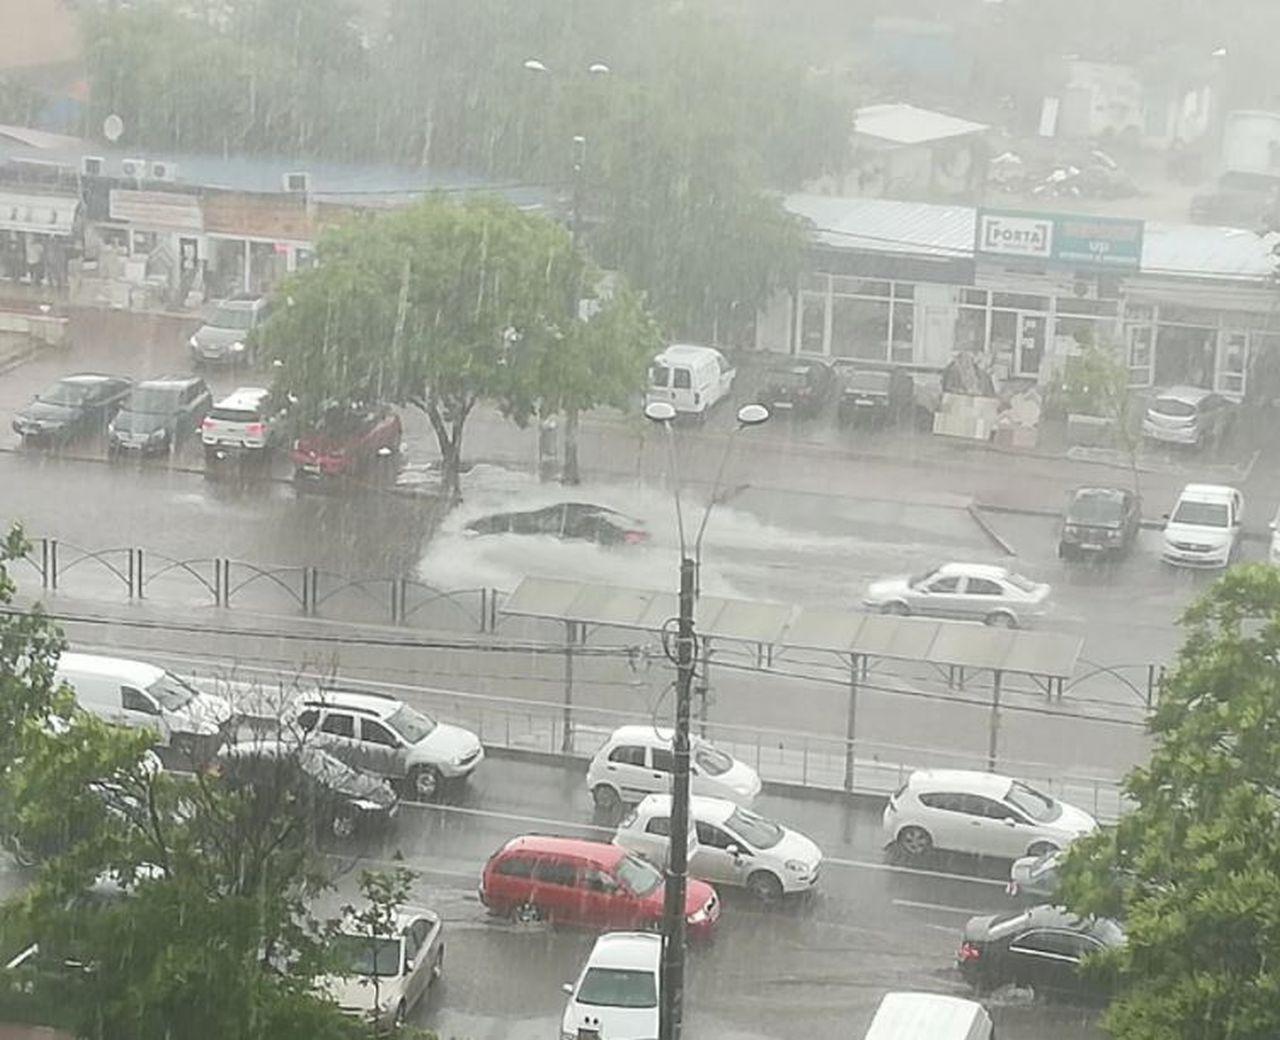 Furtuna a paralizat Capitala. A fost emis mesaj RoAlert. Străzi inundate și copaci căzuți